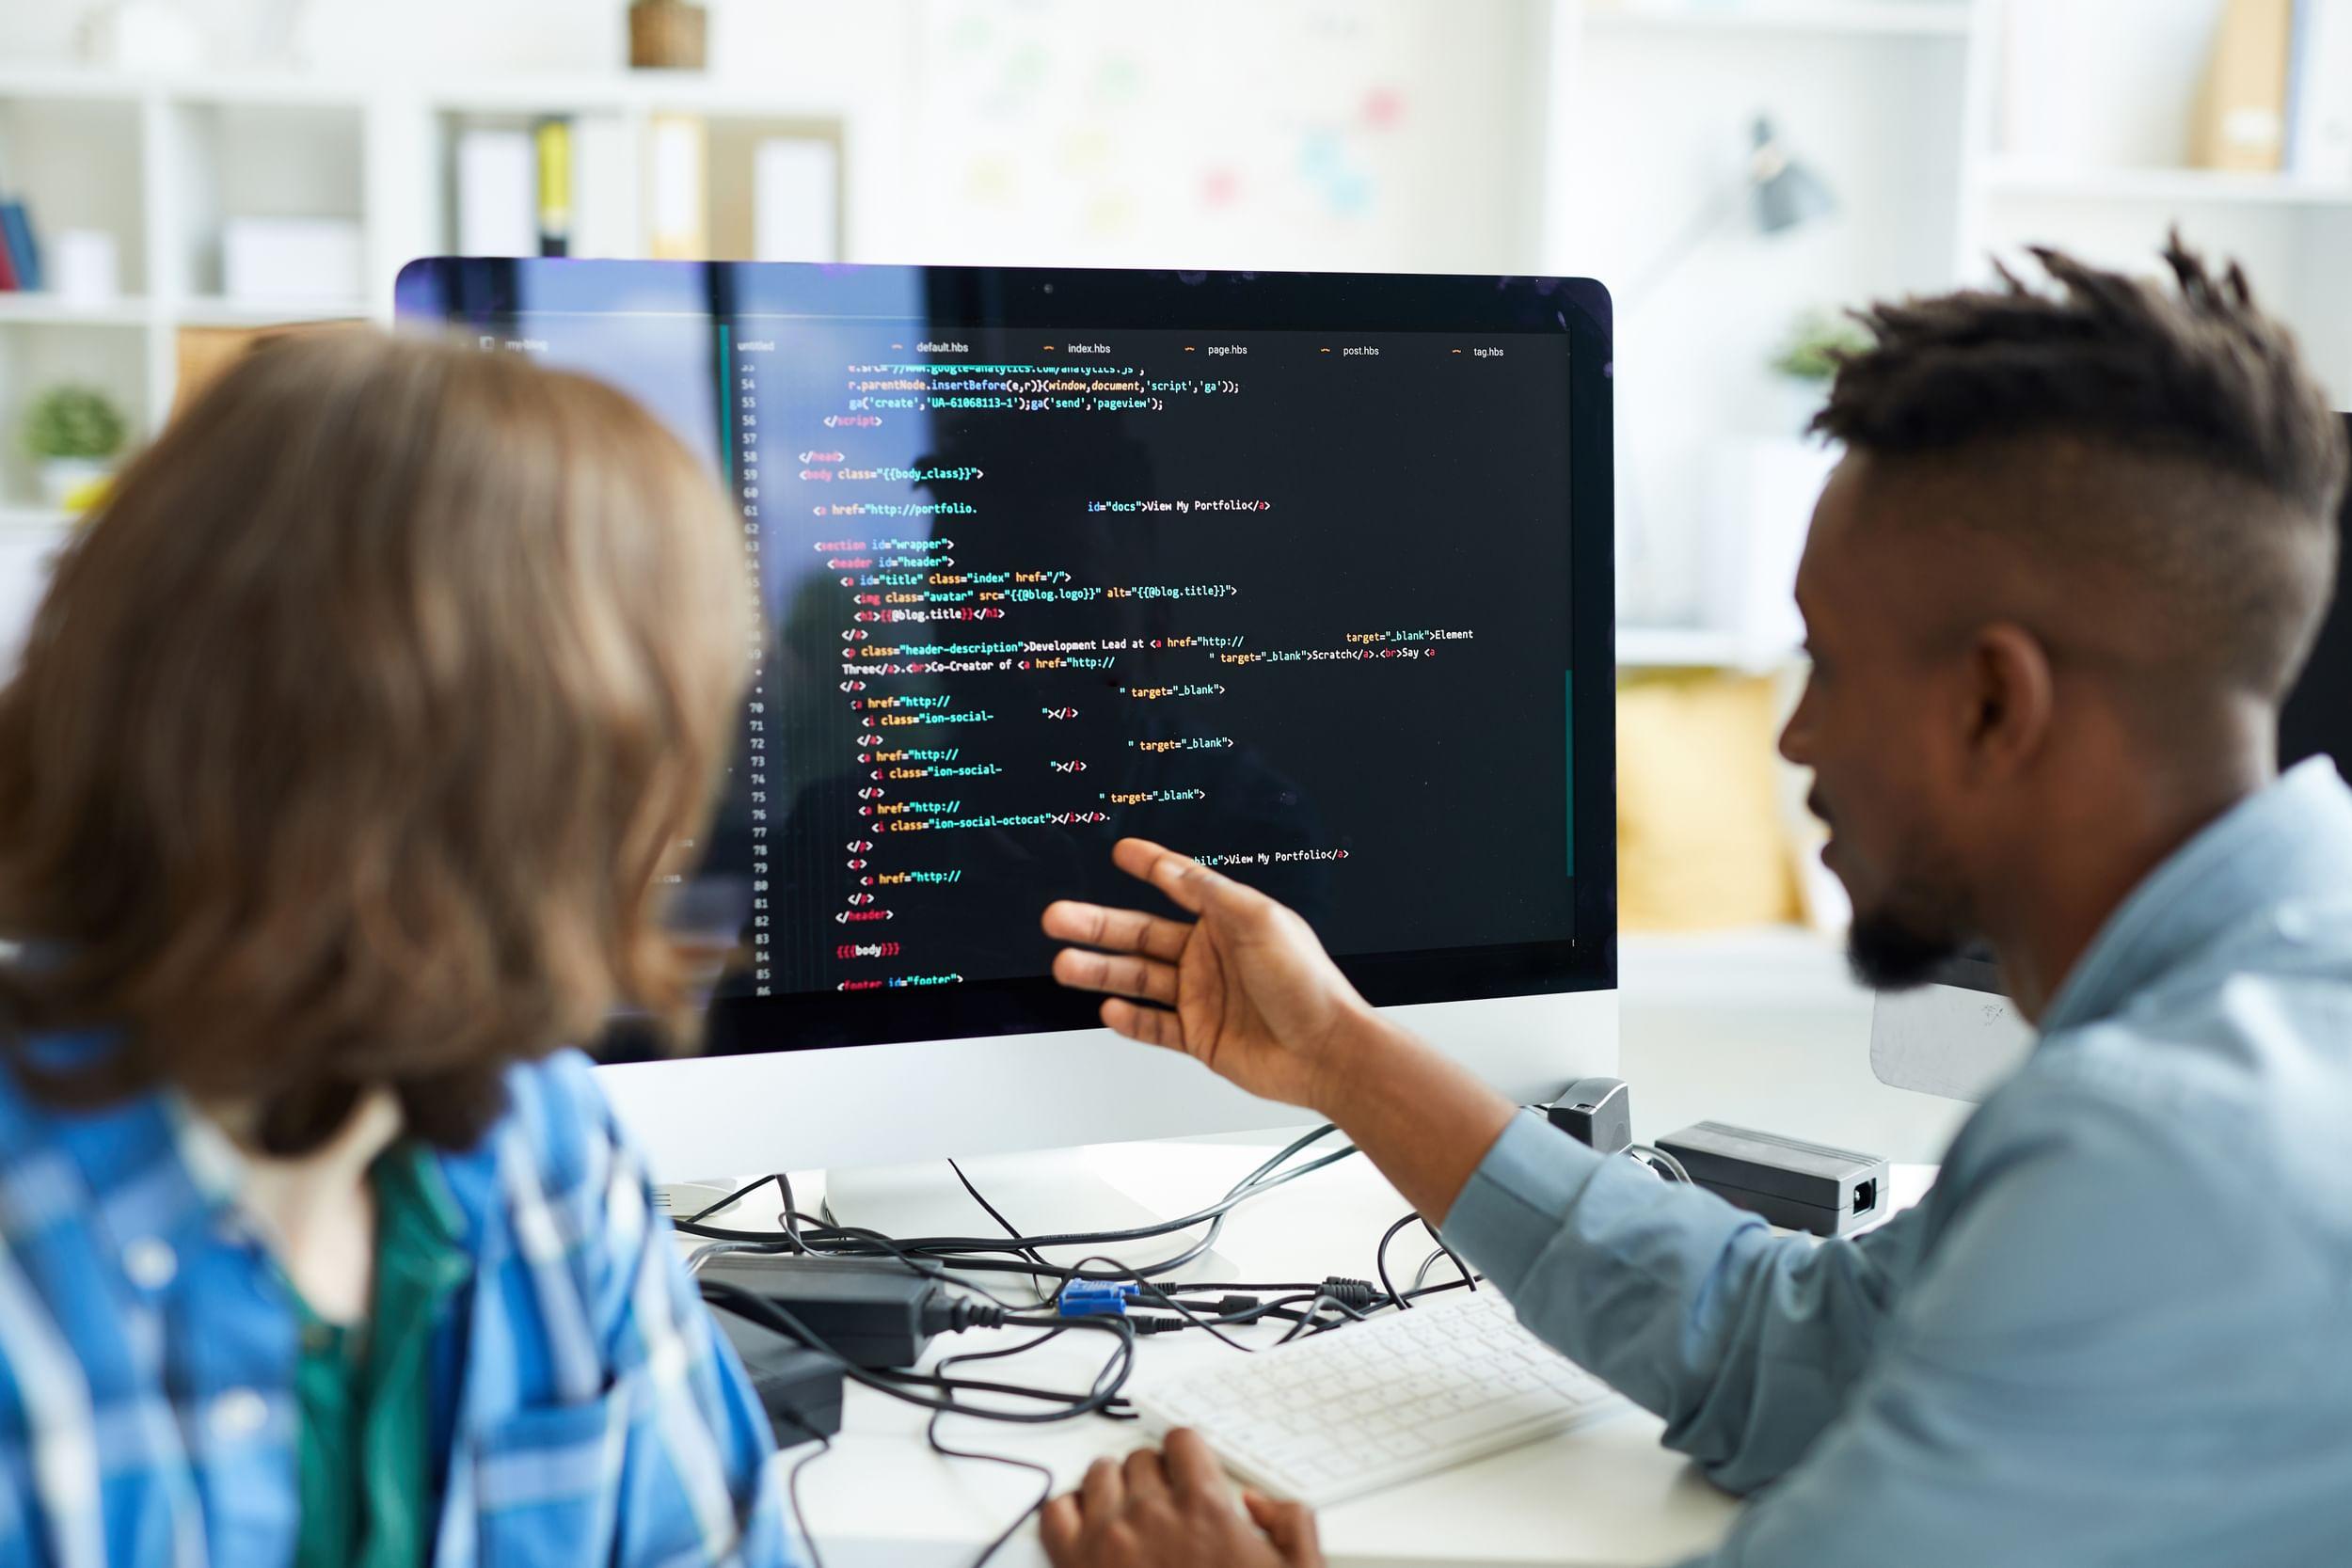 Lady and man at a computer